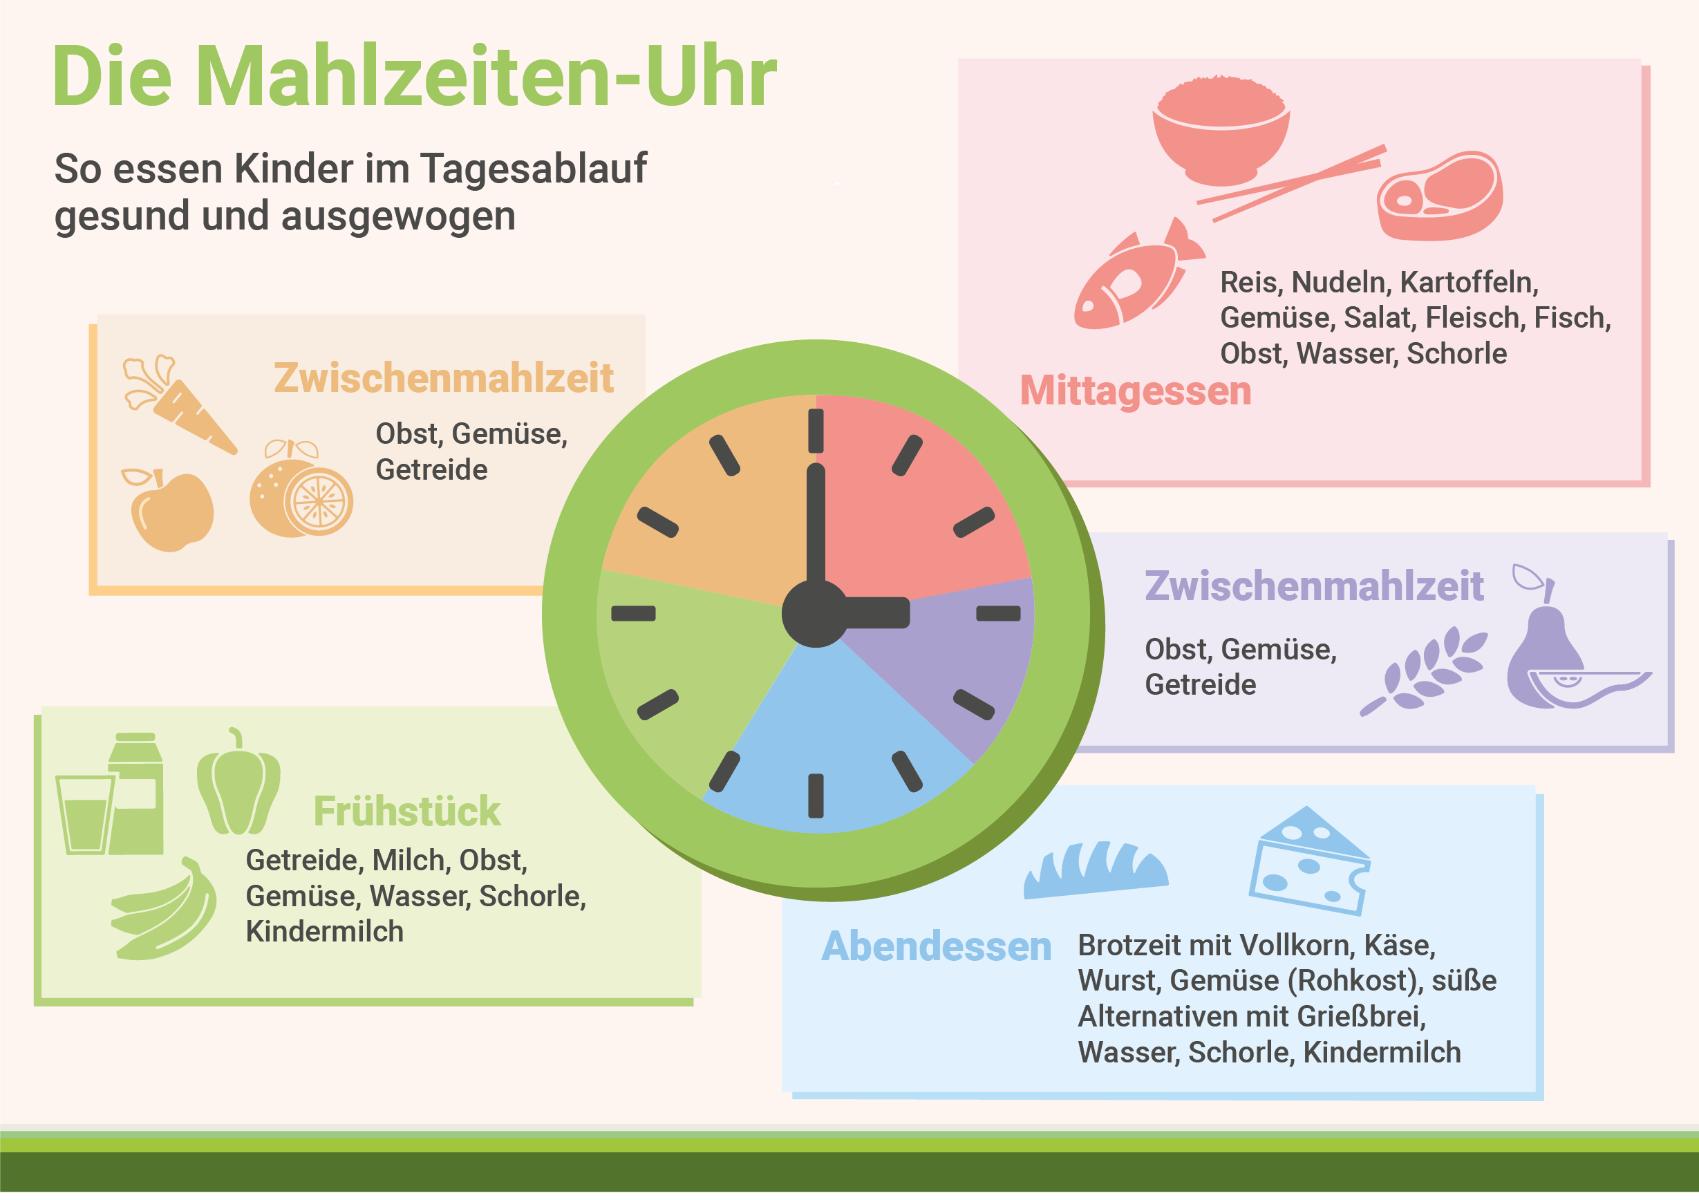 infografik-die-mahlzeiten-uhr-gesunde-ernaehrung-kinder